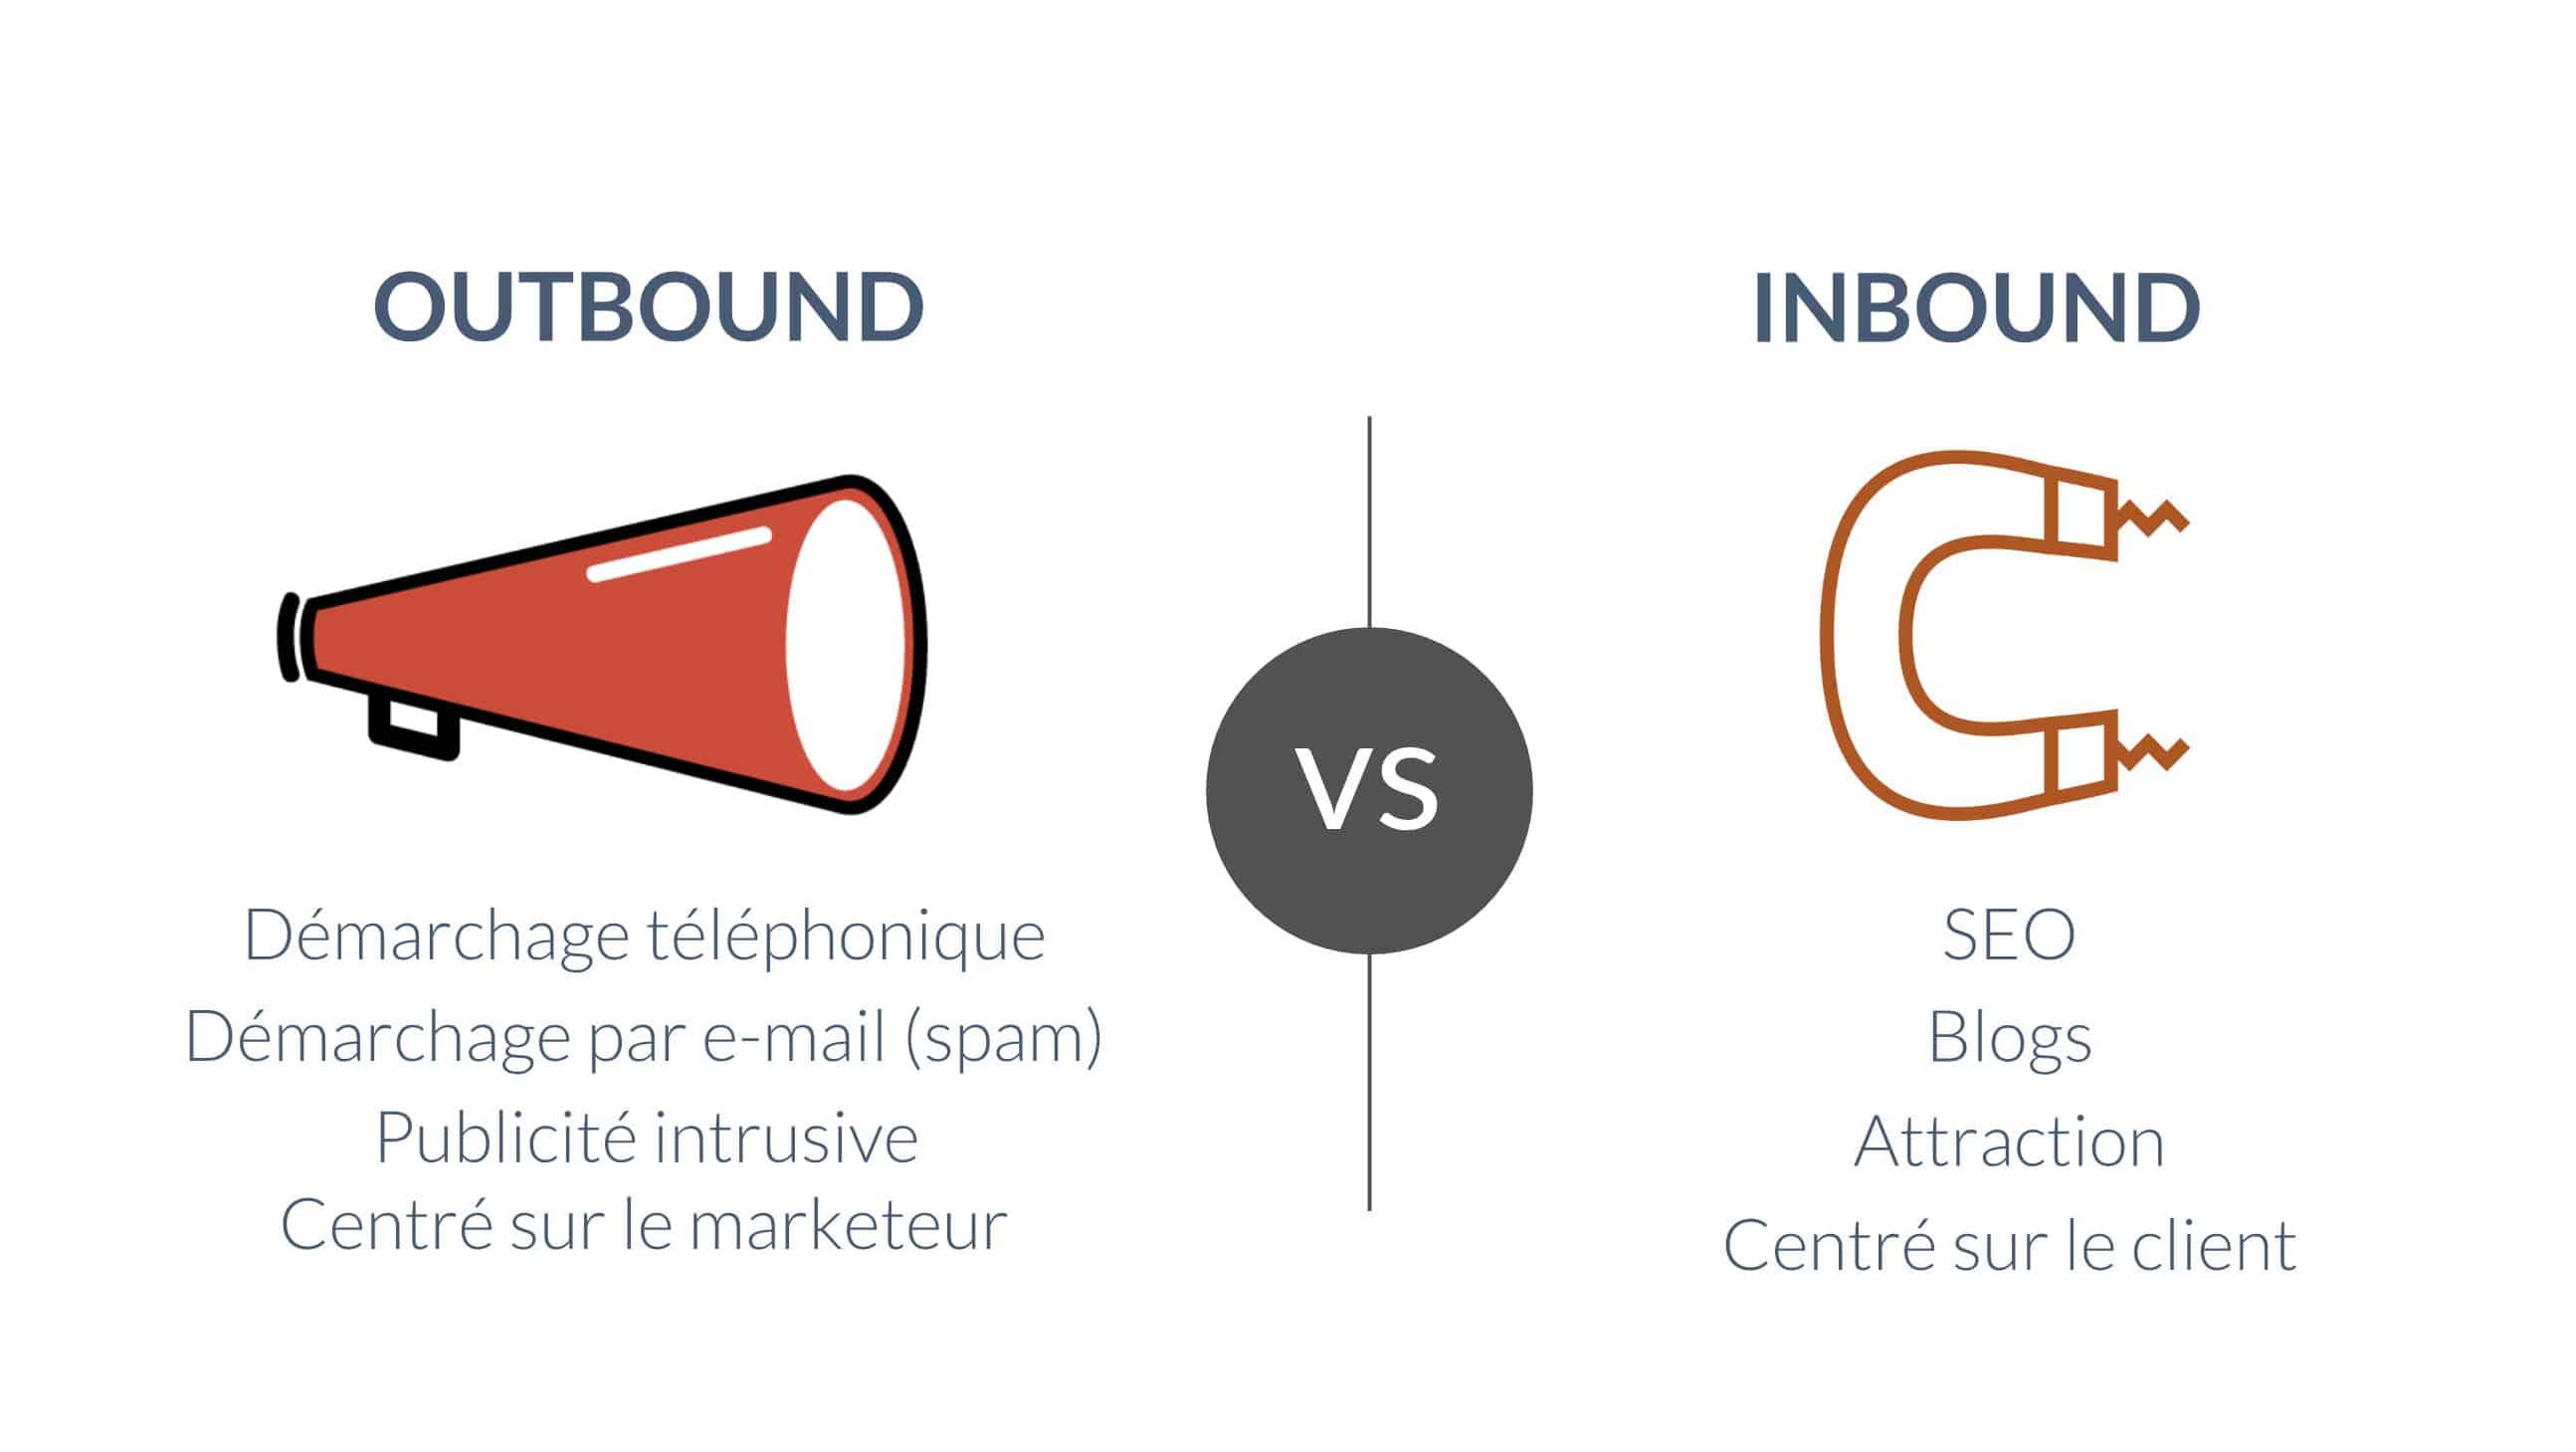 Outbound-marketing-vs-inbound-marketing